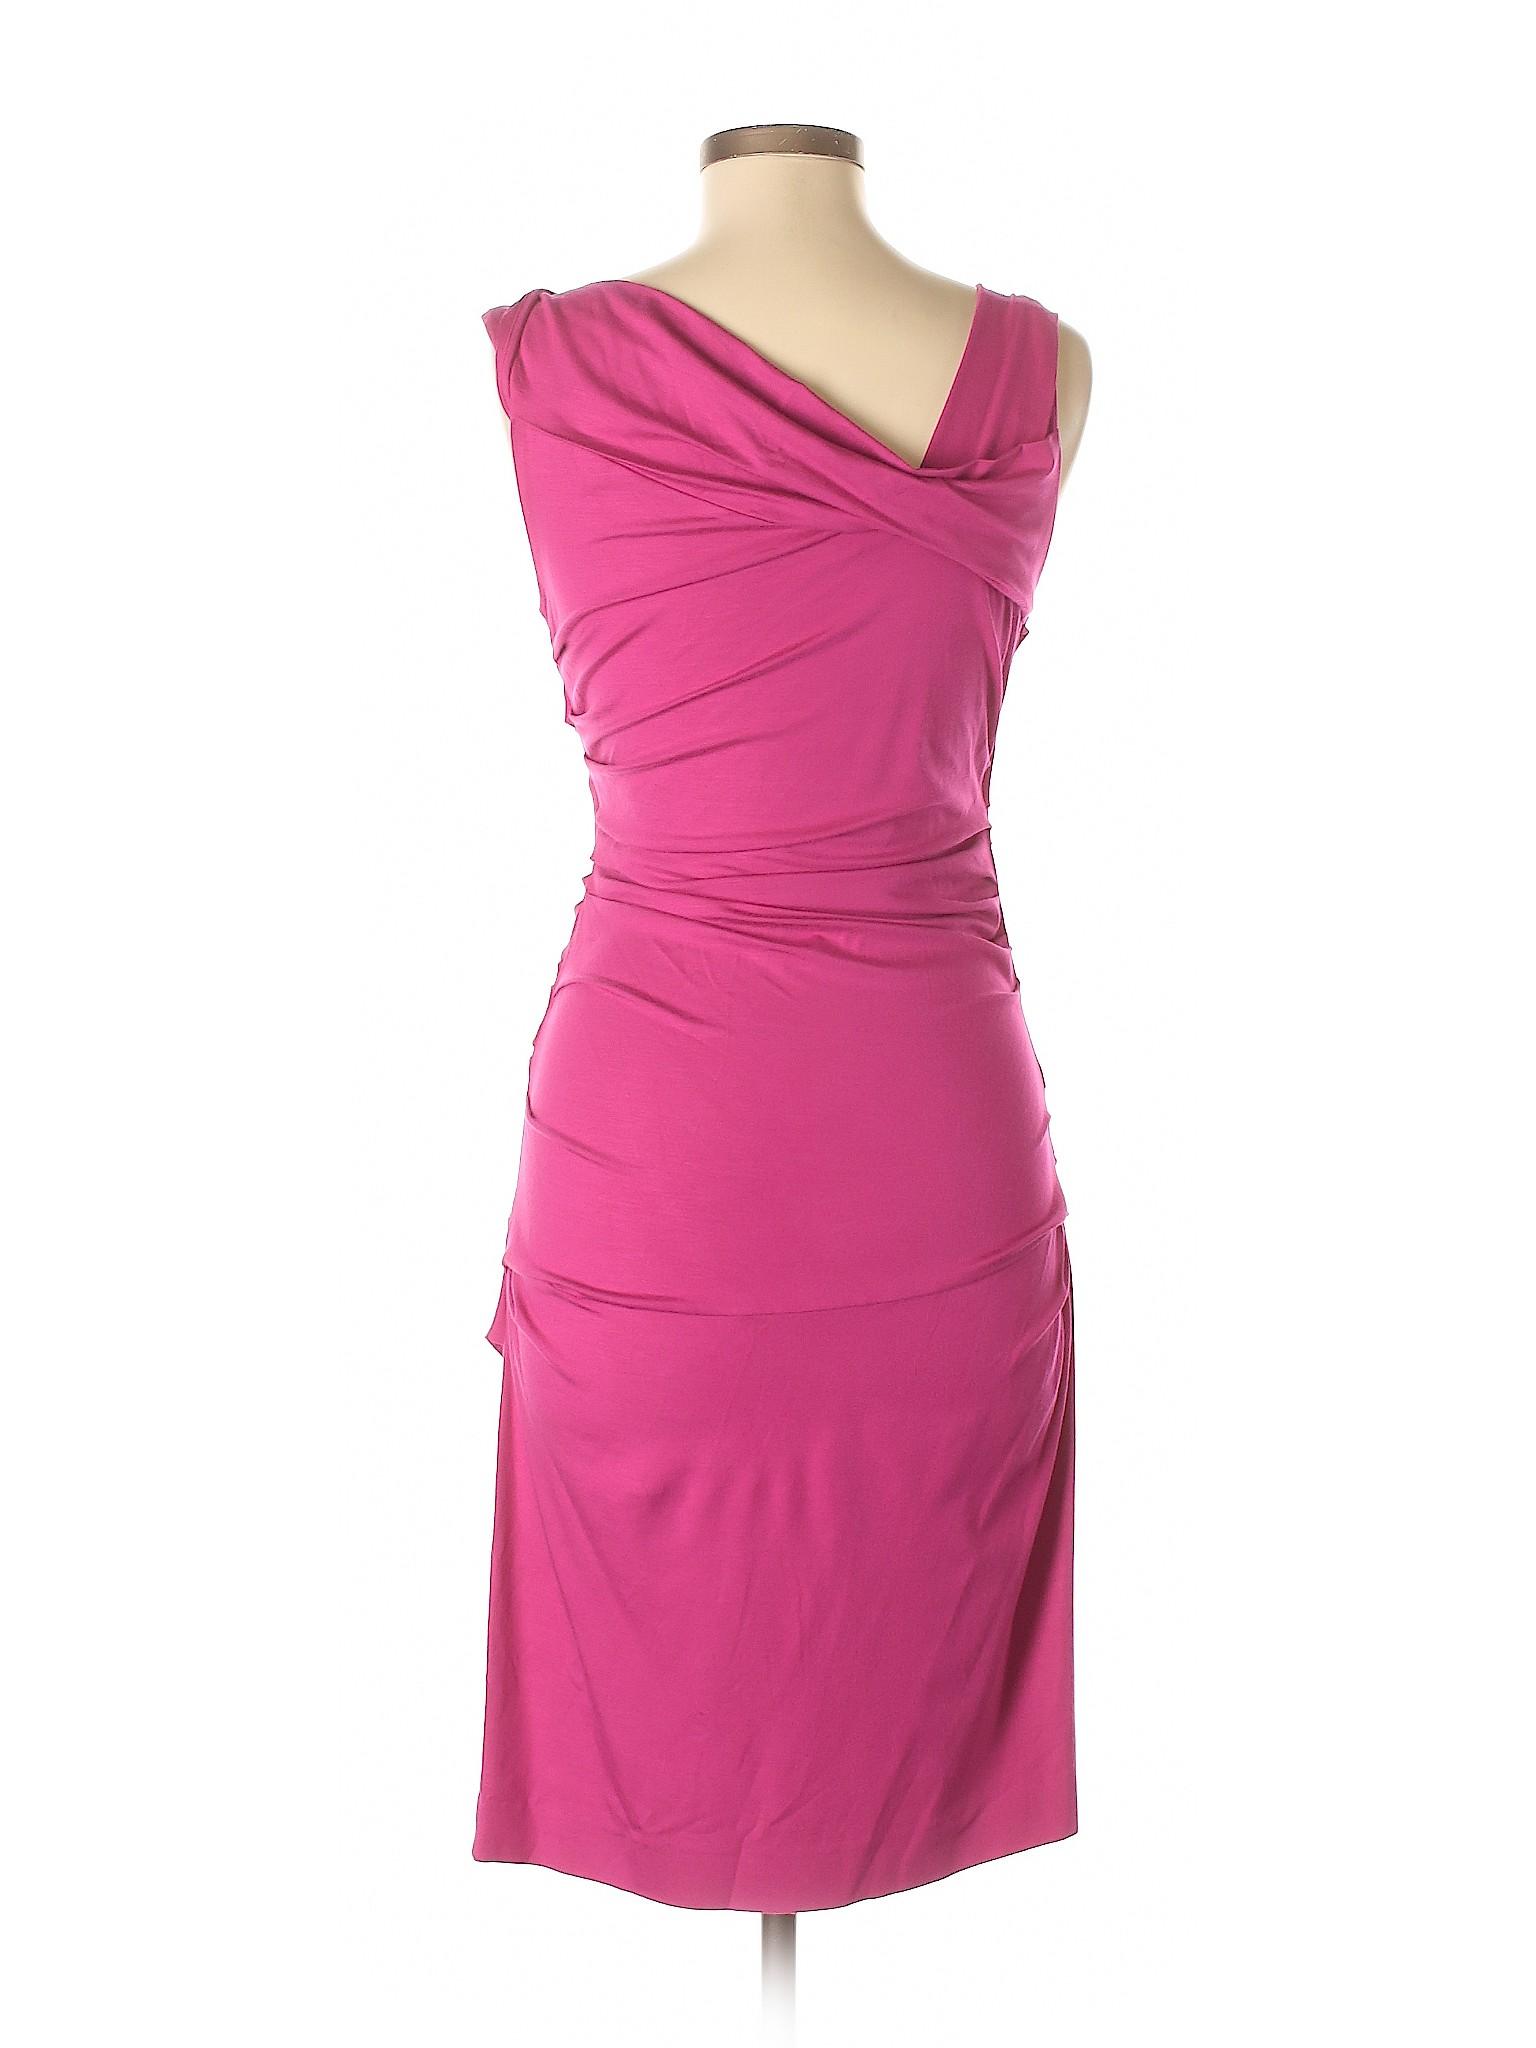 von Furstenberg winter Dress Diane Casual Boutique qU8Zn